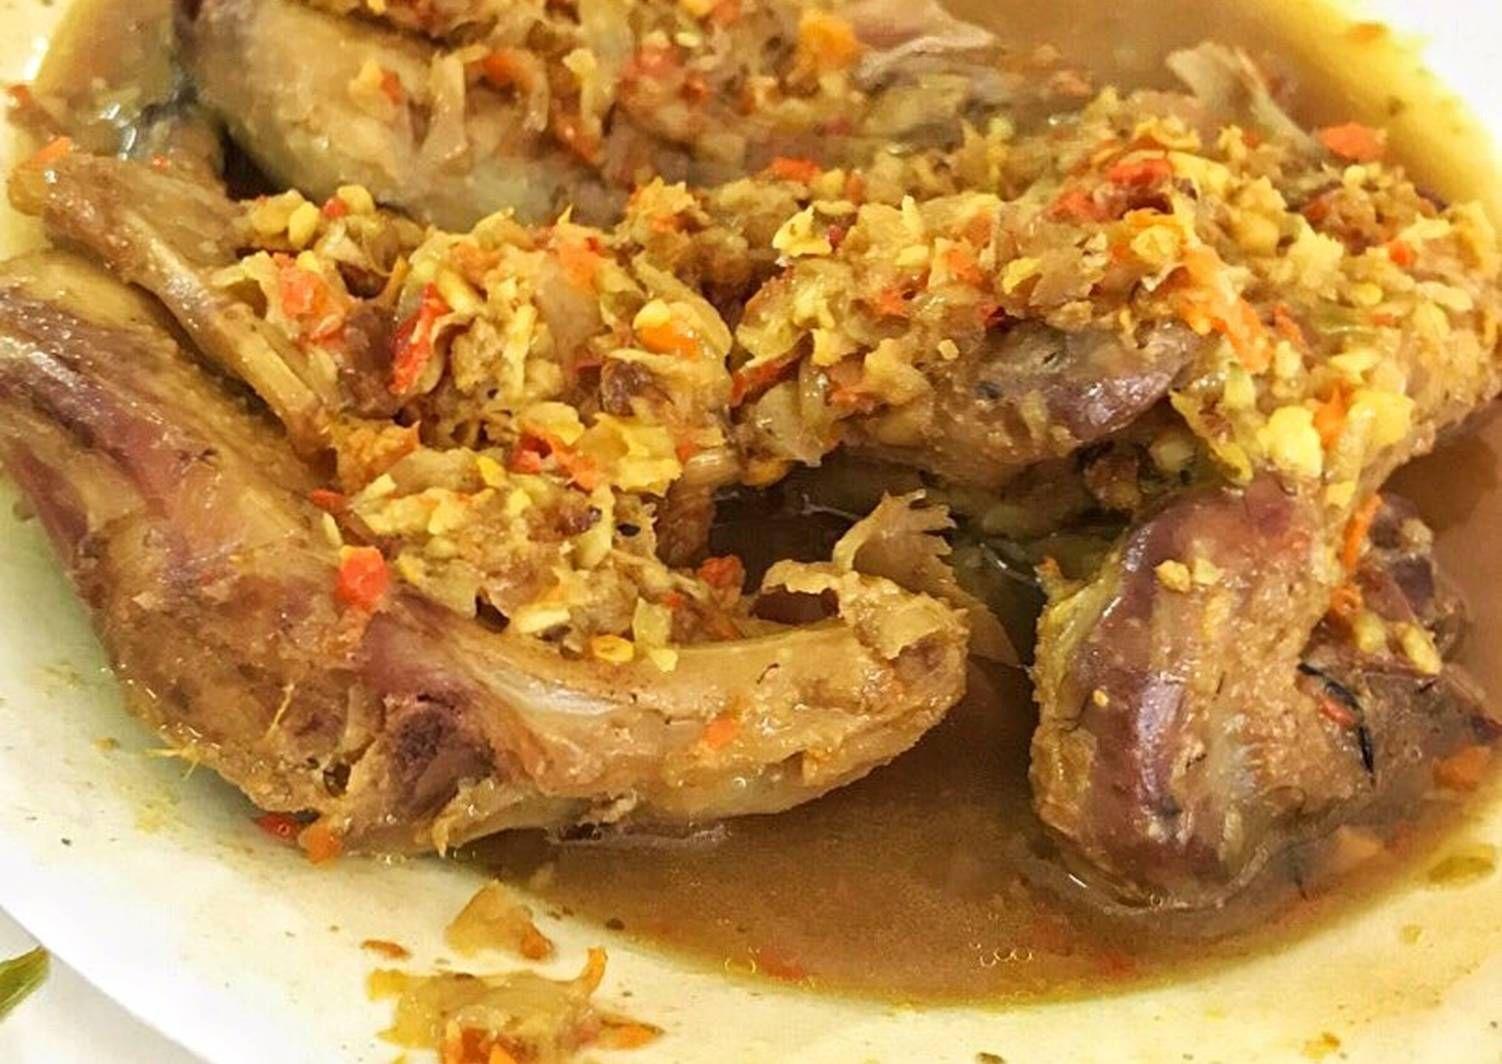 Resep Ayam Betutu Khas Gilimanuk Bali Oleh Cookiebakie Resep Di 2020 Resep Ayam Resep Masakan Resep